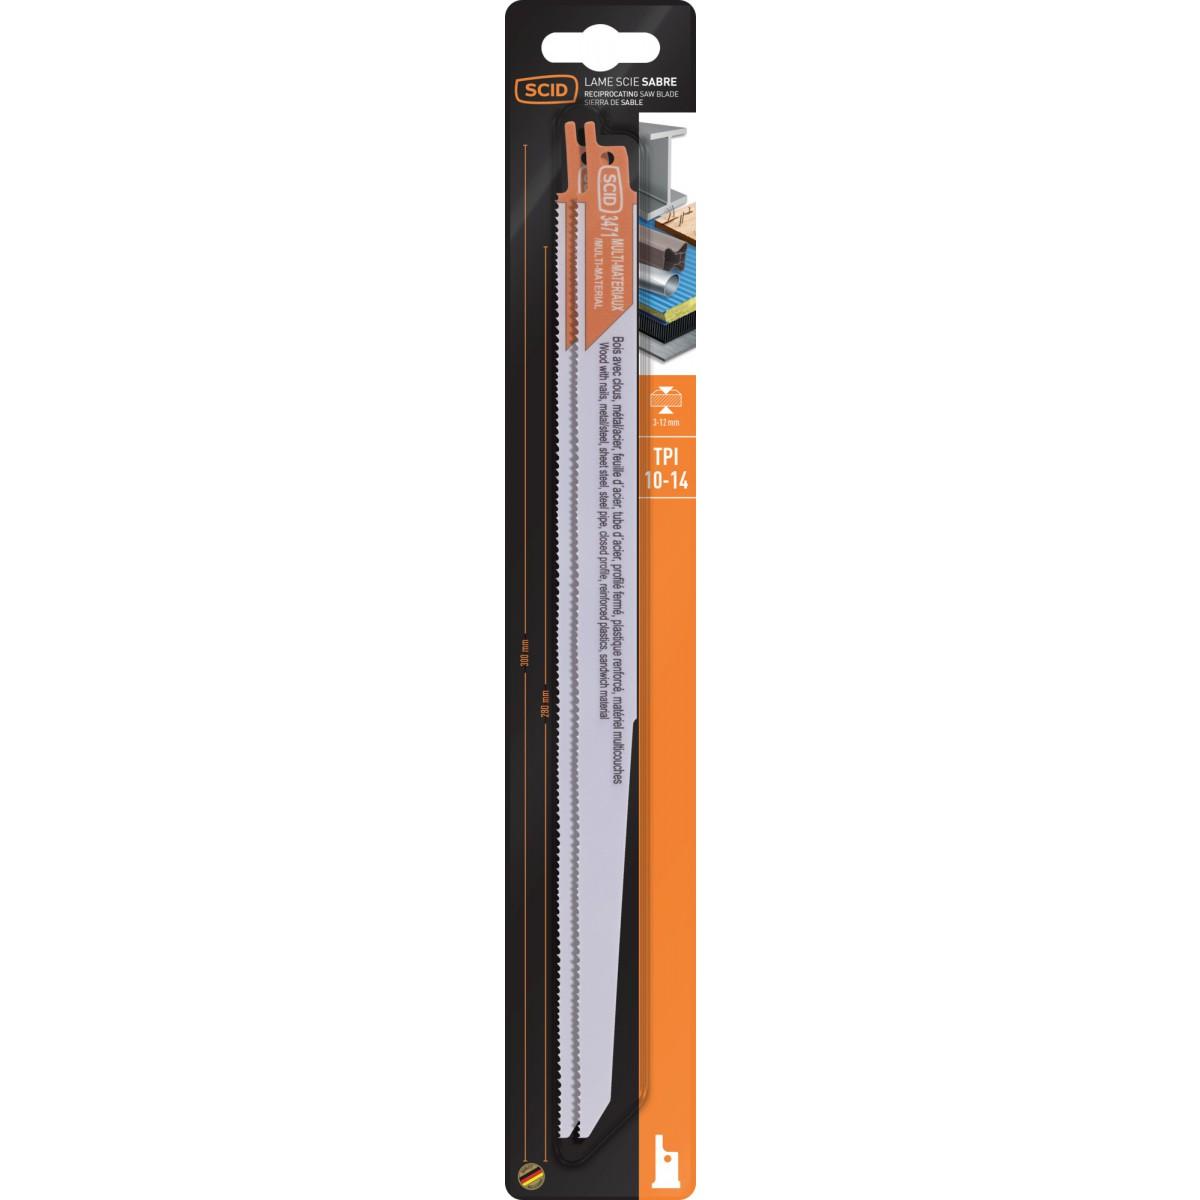 Lame de scie sabre classique bois et matériaux SCID - Epaisseur 0,9 mm - Longueur 300 mm - Vendu par 2